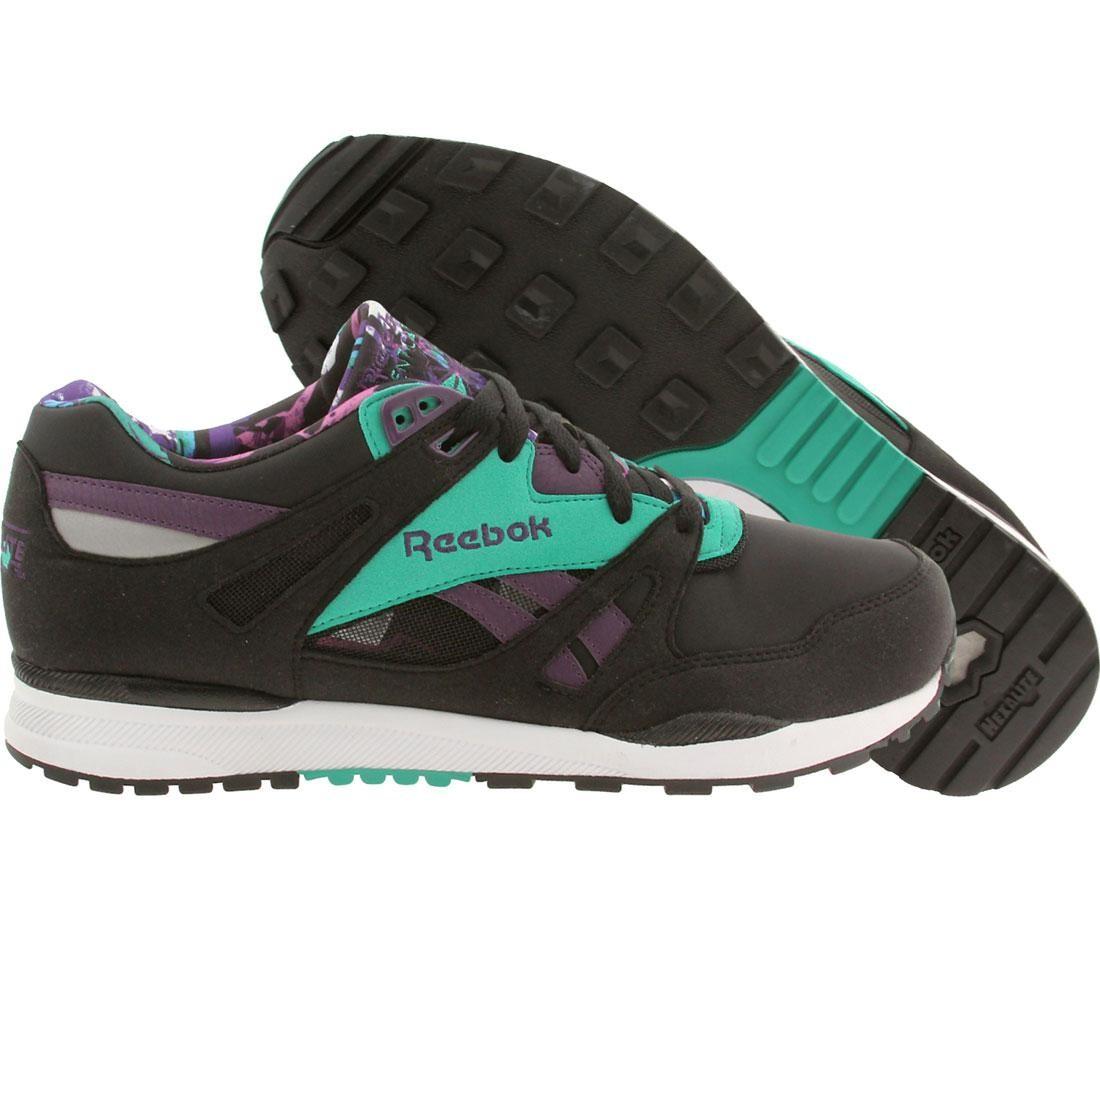 【海外限定】リーボック 紫 パープル スニーカー 靴 【 REEBOK PURPLE MEN VENTILATOR WB BLACK TEAL 】